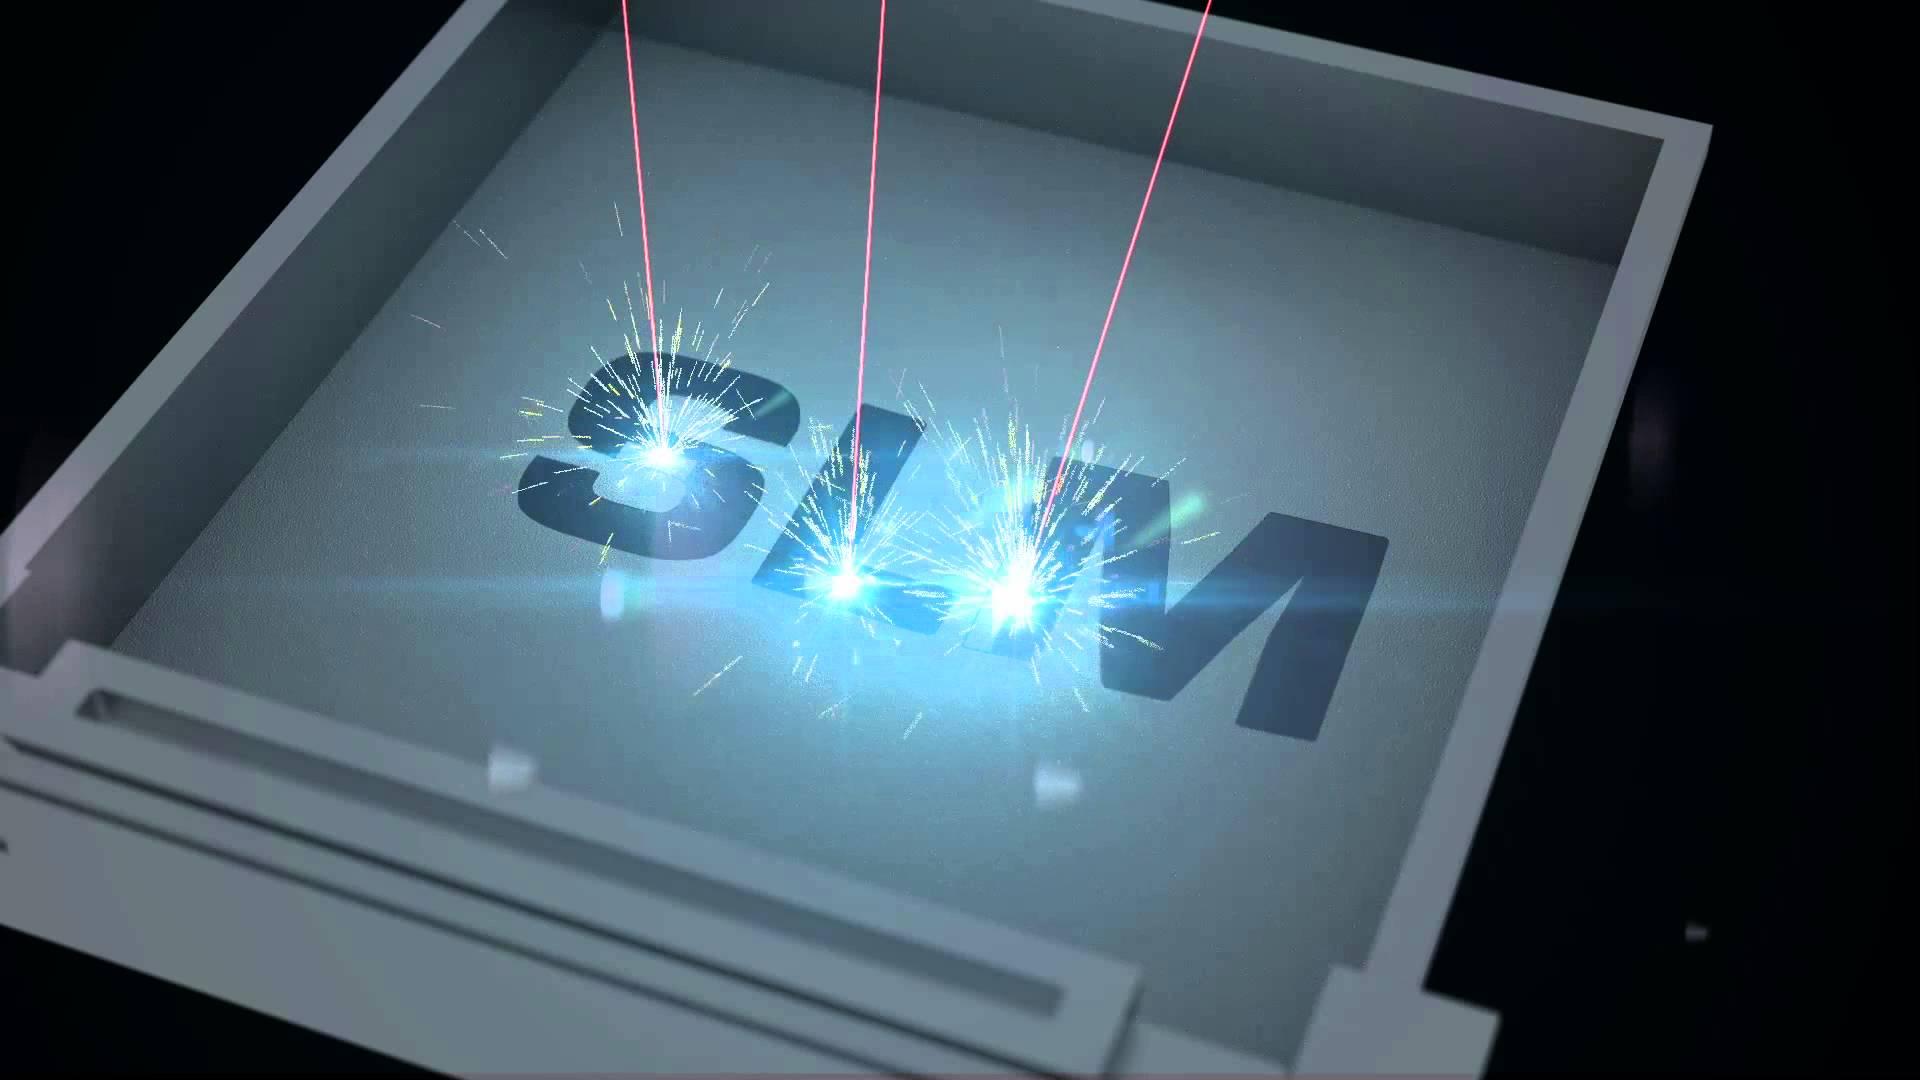 ヘッジファンドがGEによるアーカムとSLMソリューションズ買収を妨害か